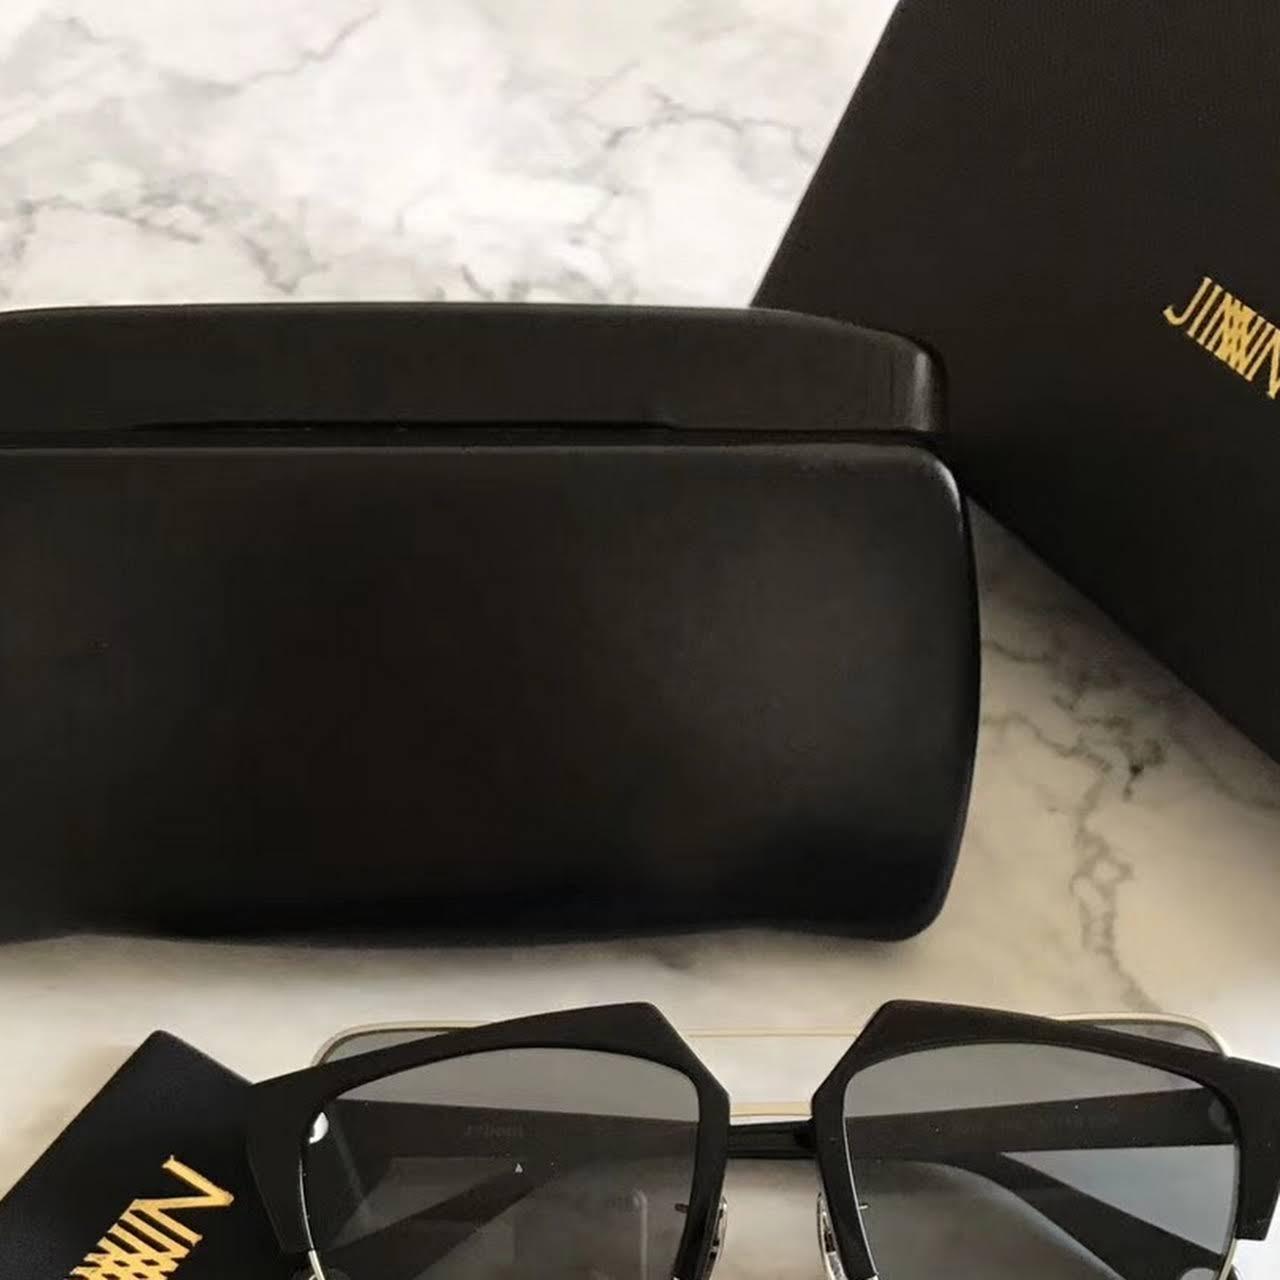 875fe3da8 الدلقان للبصريات - الخبر - Sunglasses Shop in Al Khobar